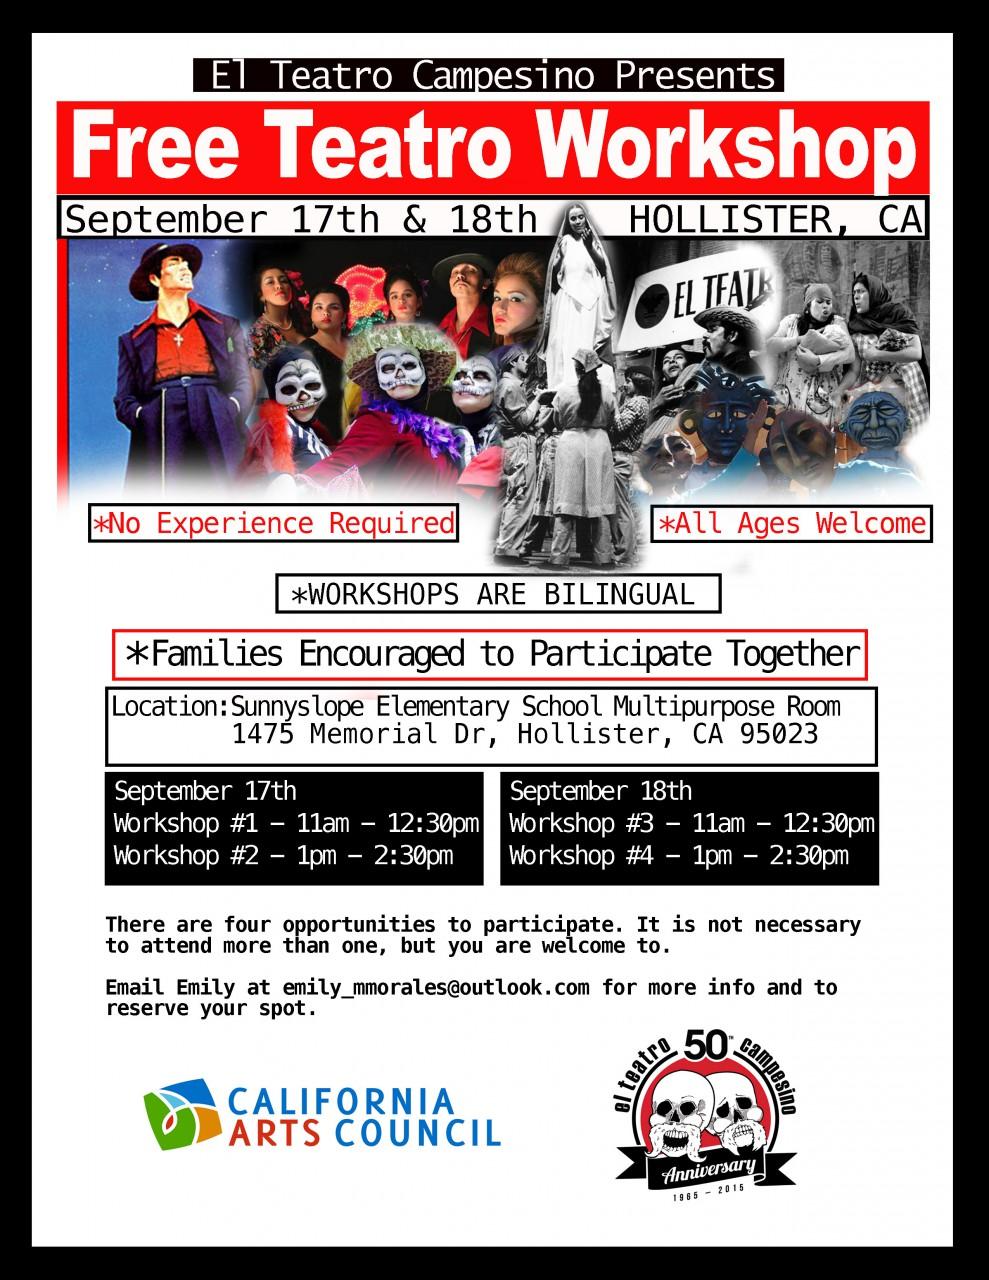 el teatro workshop flyer.jpg